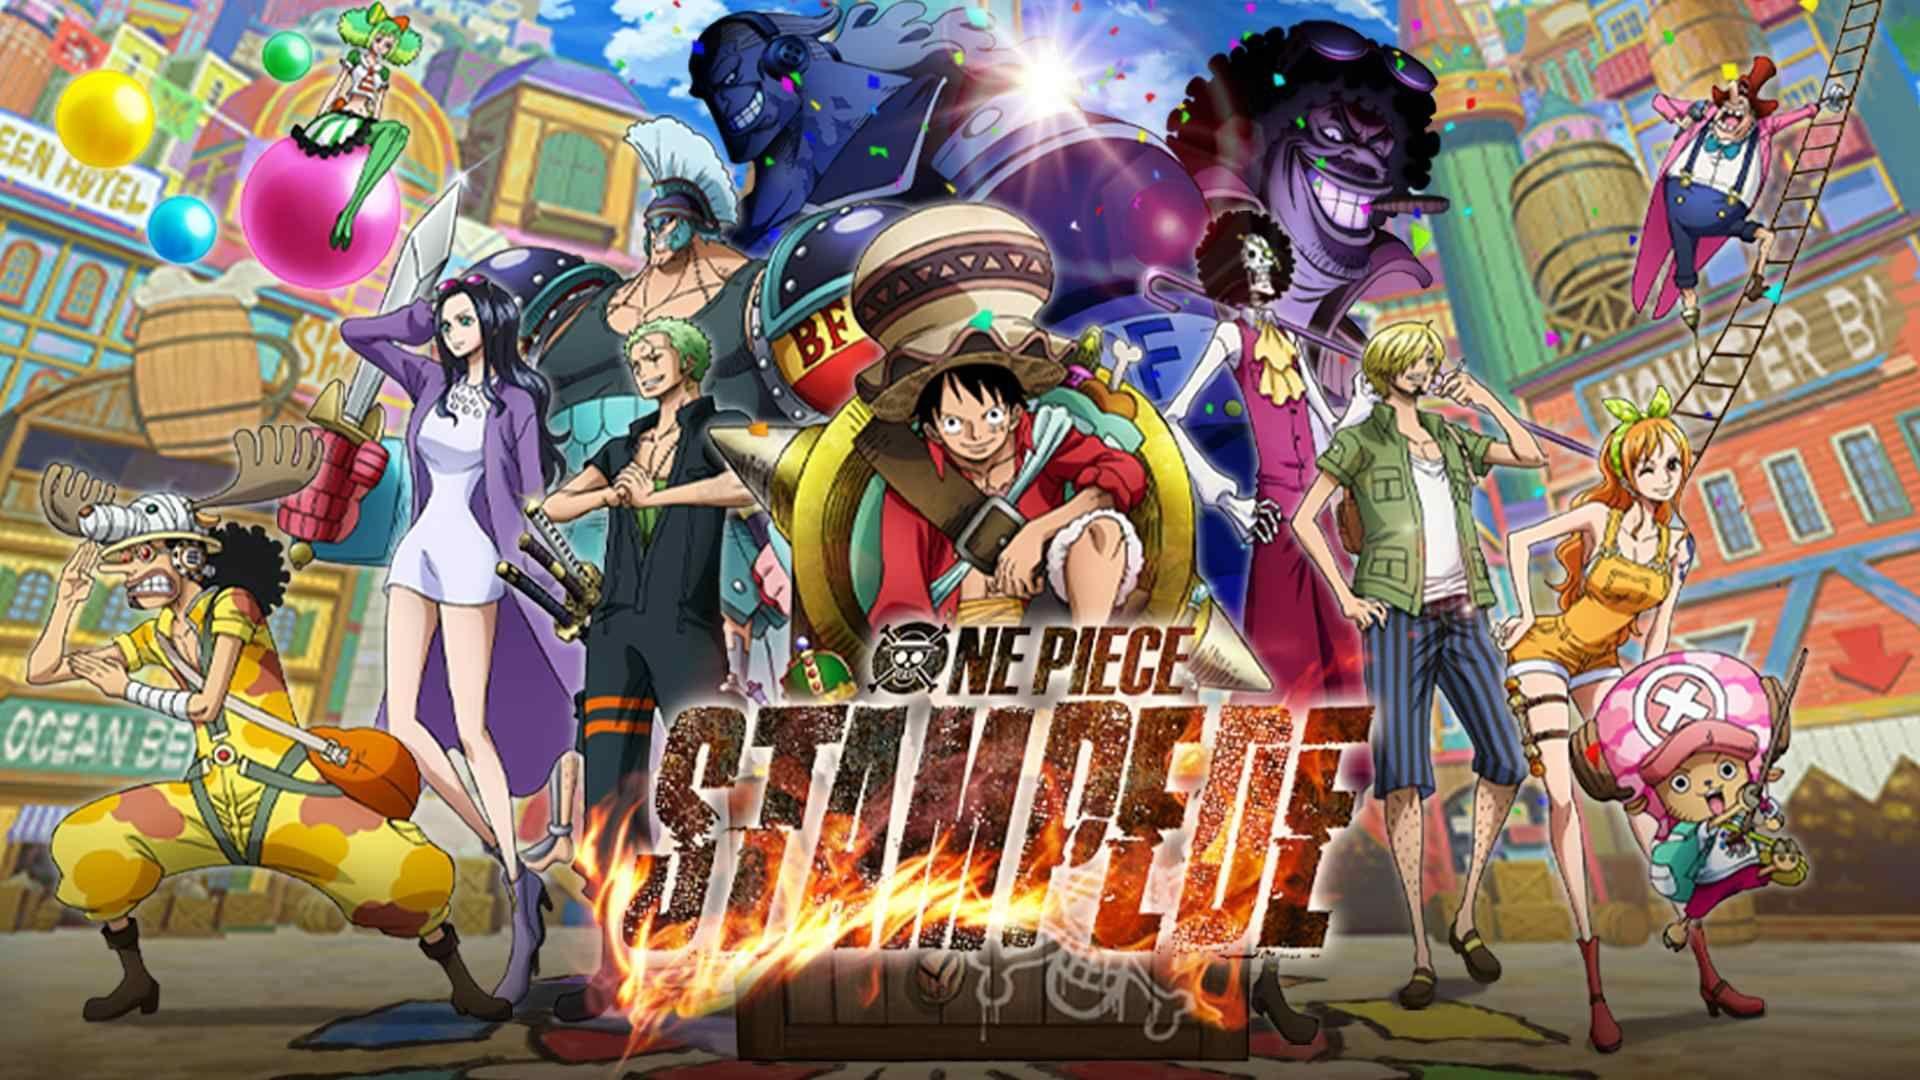 ボード「One Piece」のピン